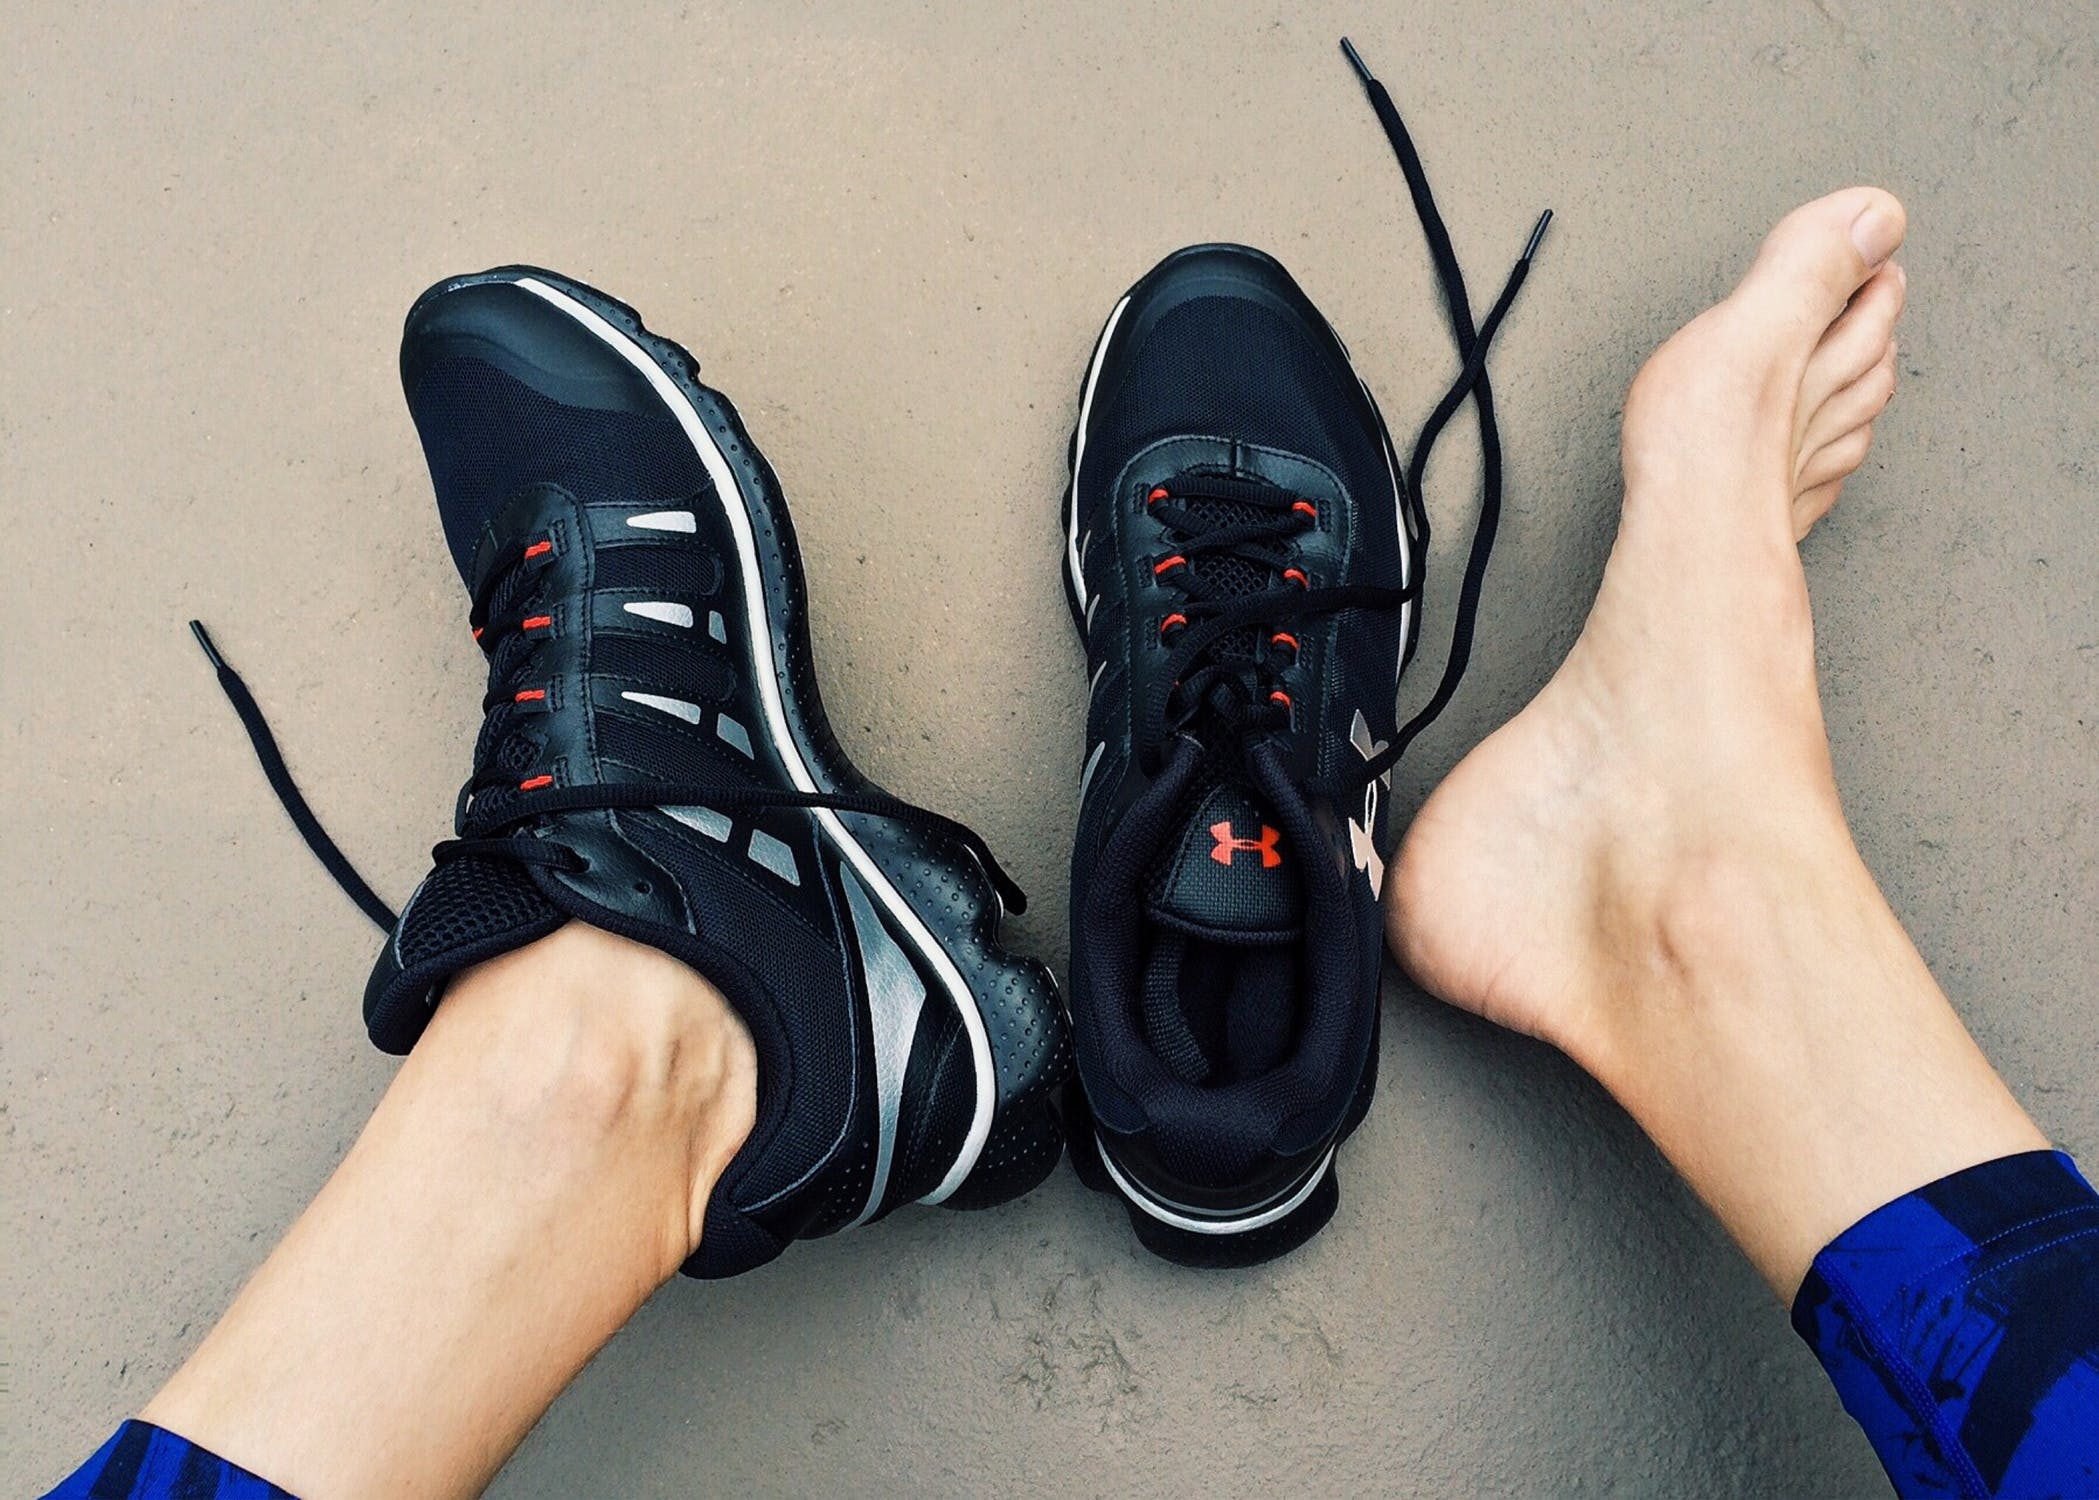 Schmerzen der Achillessehne beim Laufen